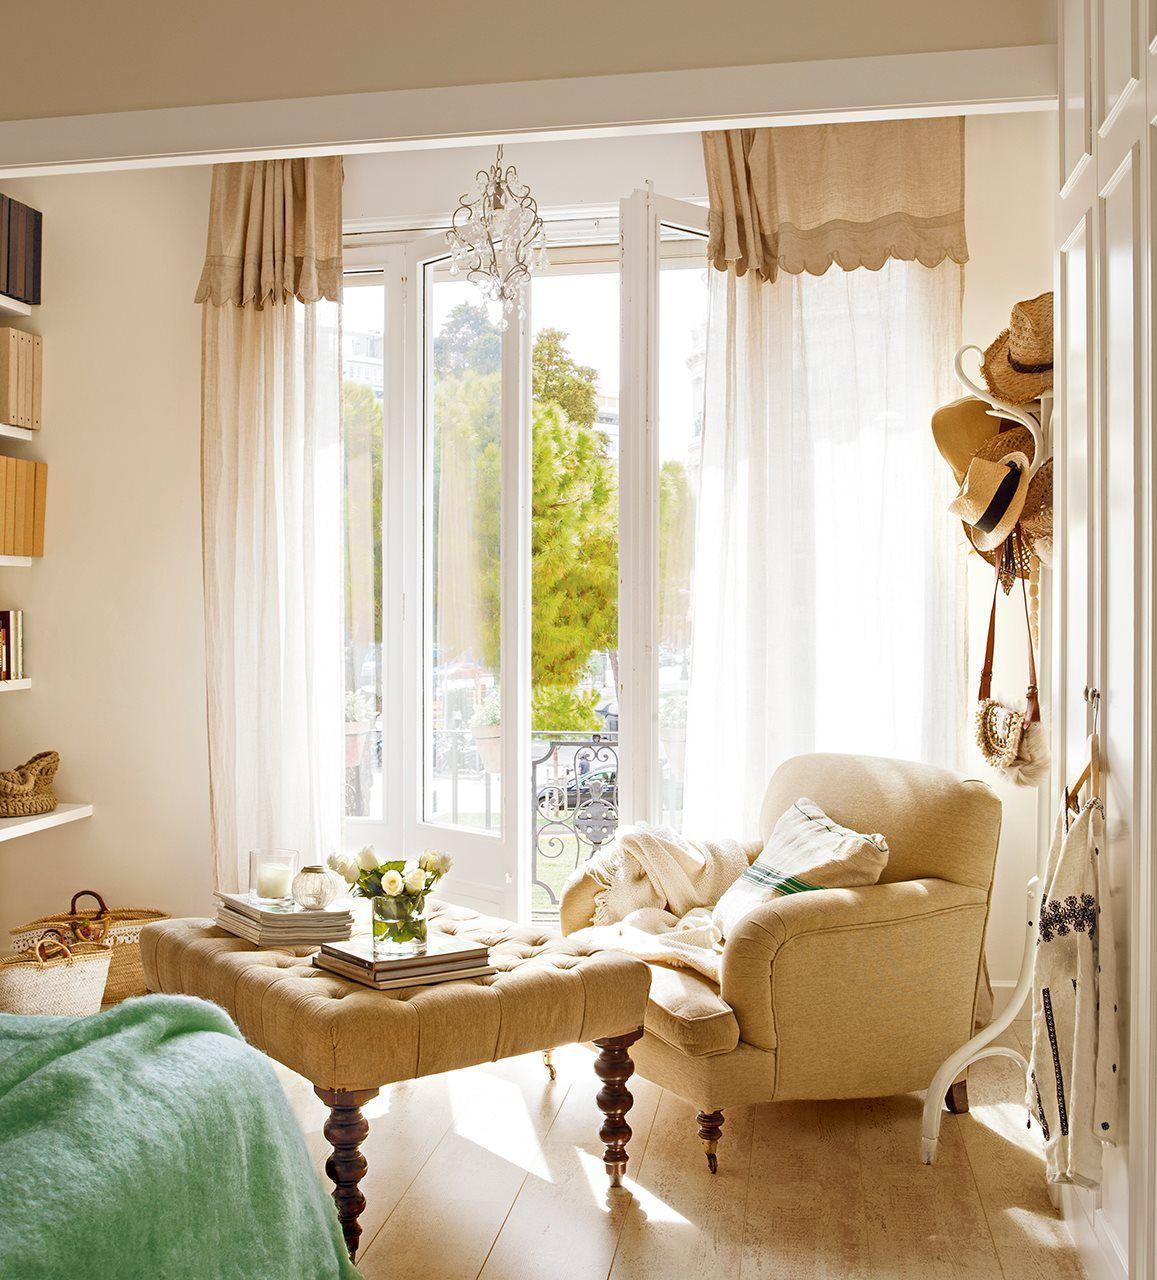 Rinc n de lectura sal n comedor cortinas beige for Cortinas vintage dormitorio